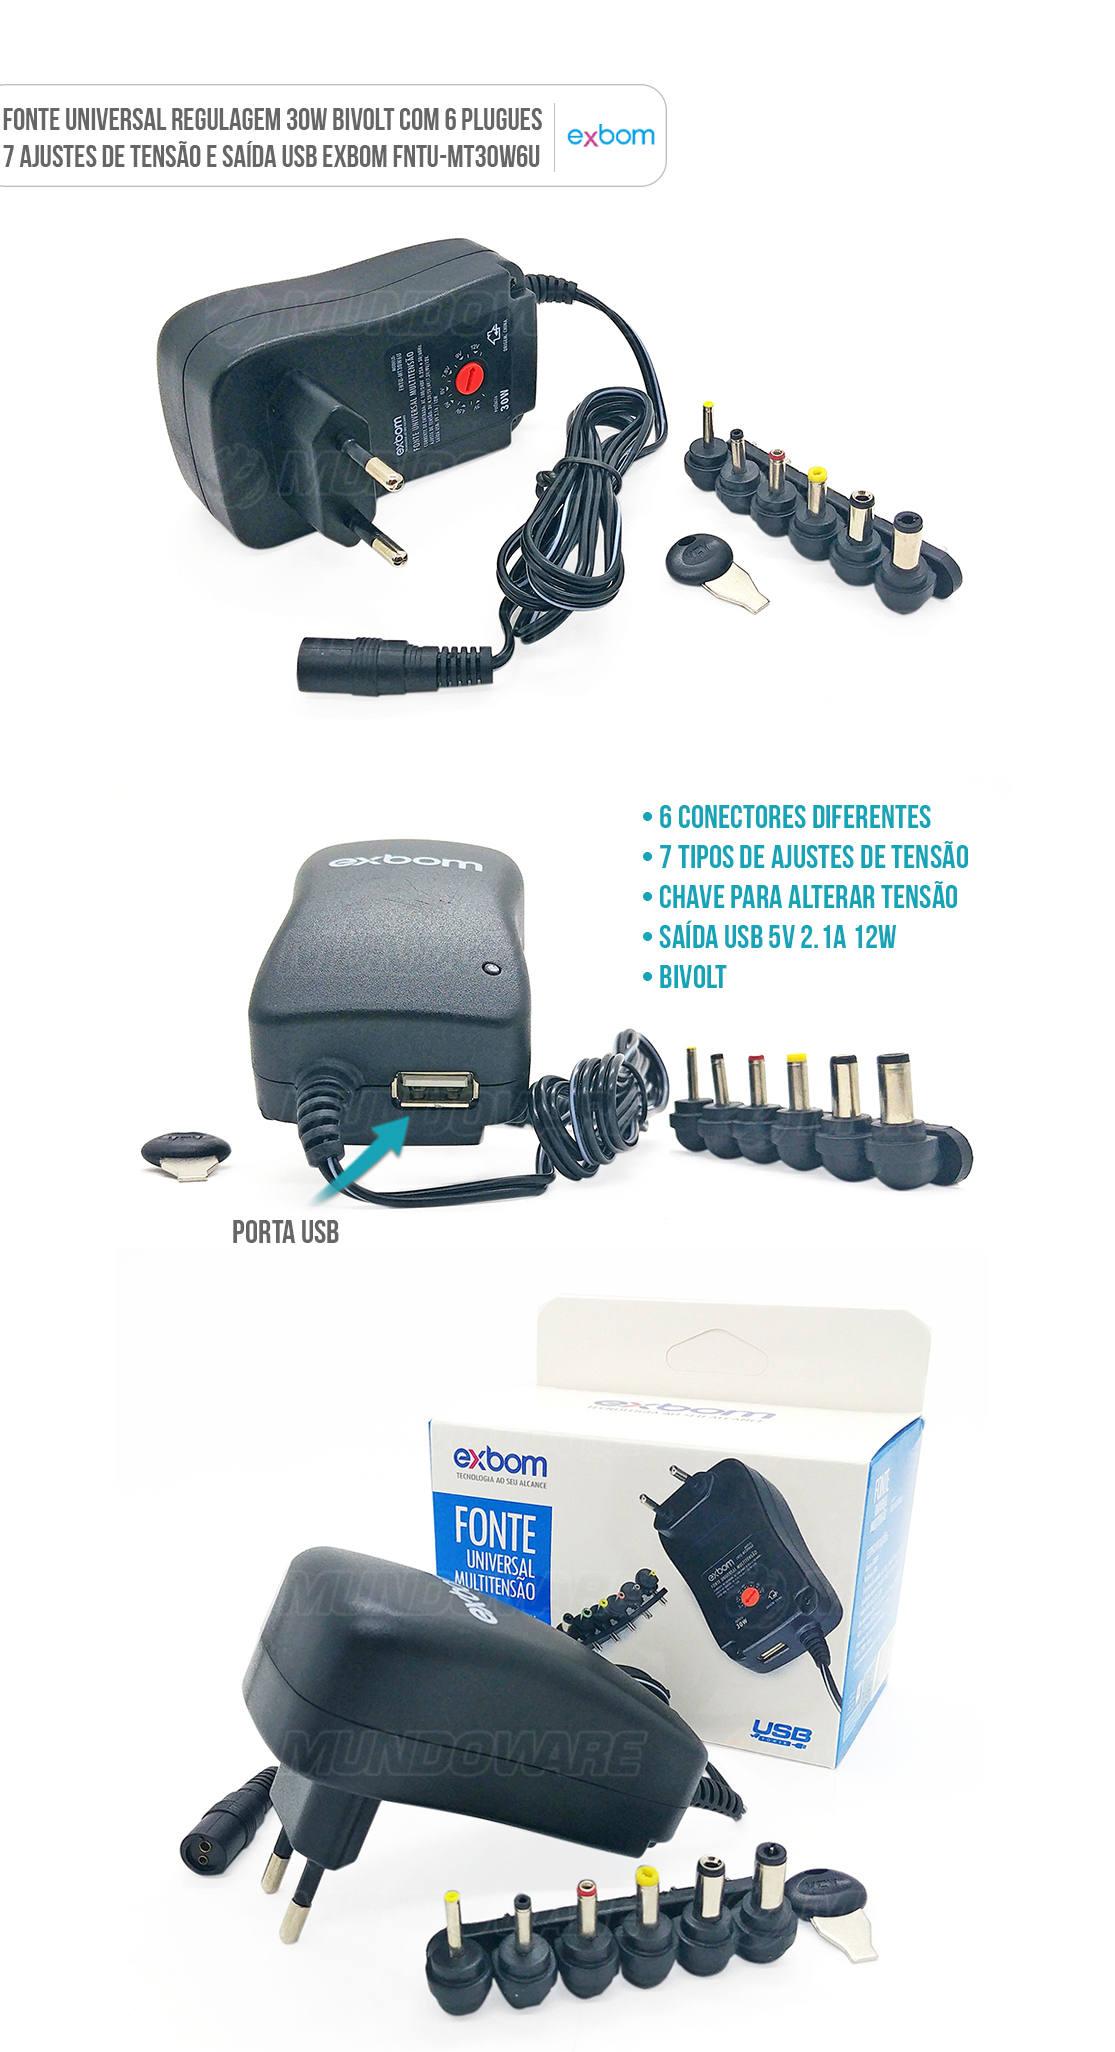 Fonte de Energia Universal regulatem até 30W com 6 plugues e saída USB